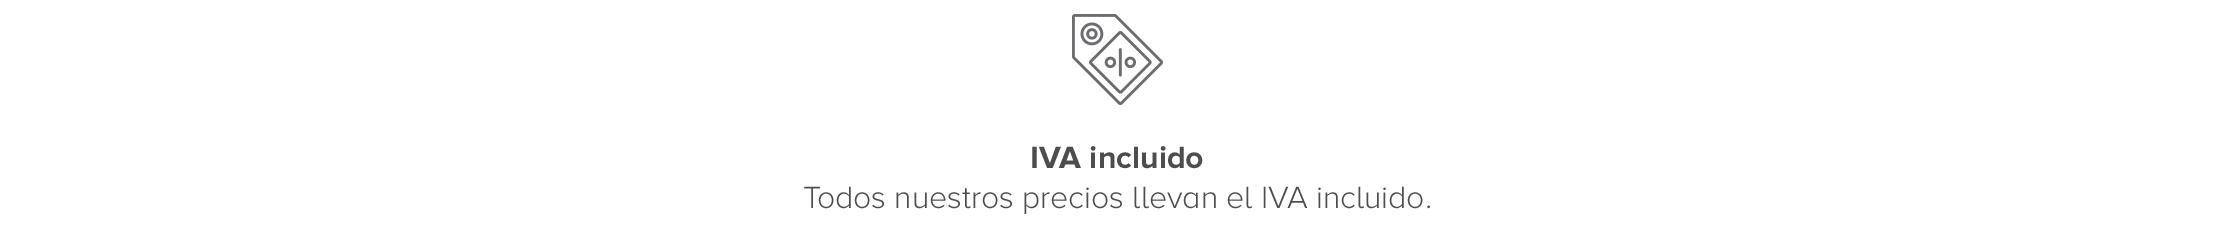 IVA_inc.jpg